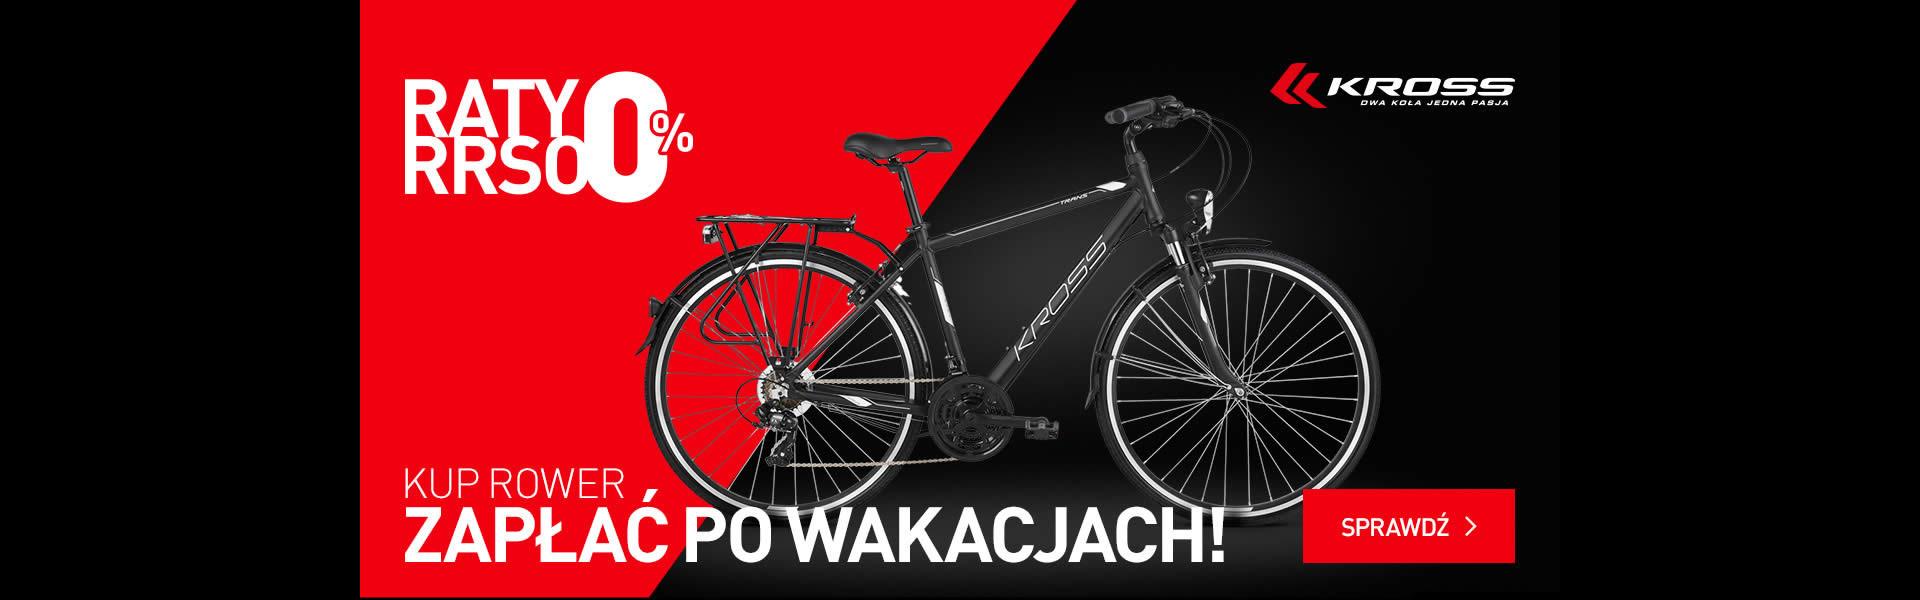 Raty 0% na rowery kross w bbike Wrocław